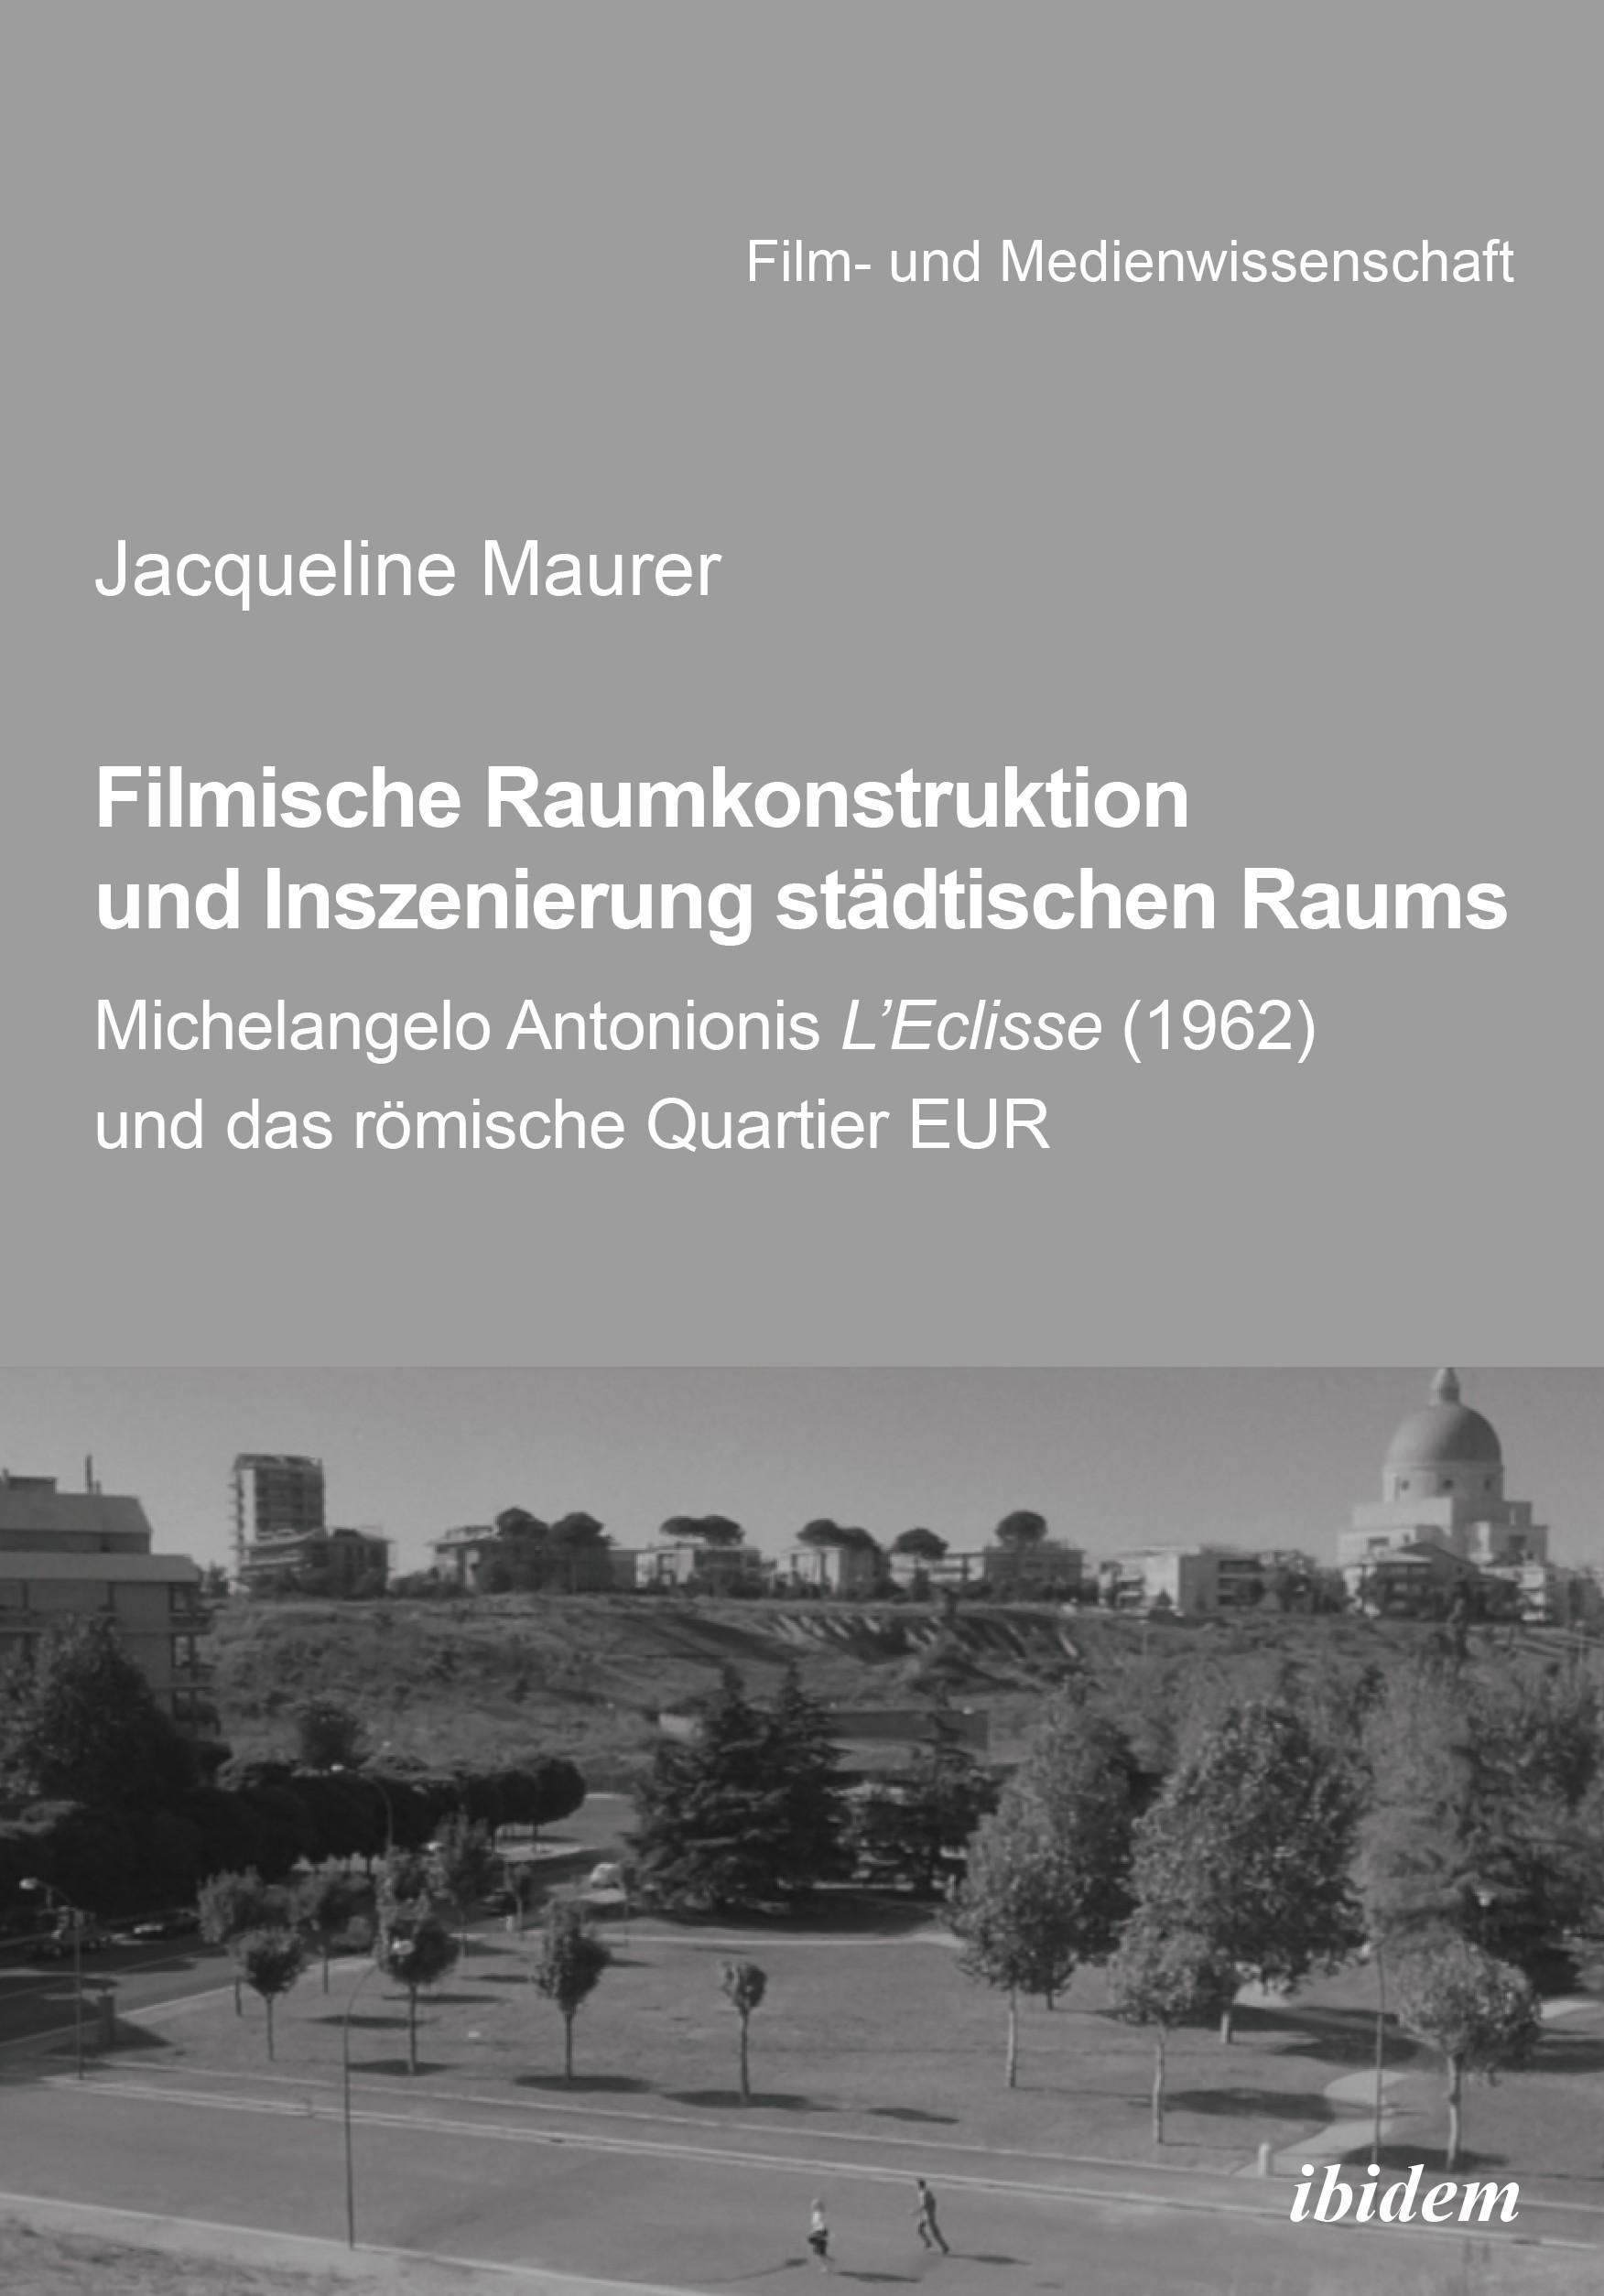 Filmische Raumkonstruktion und Inszenierung städtischen Raums